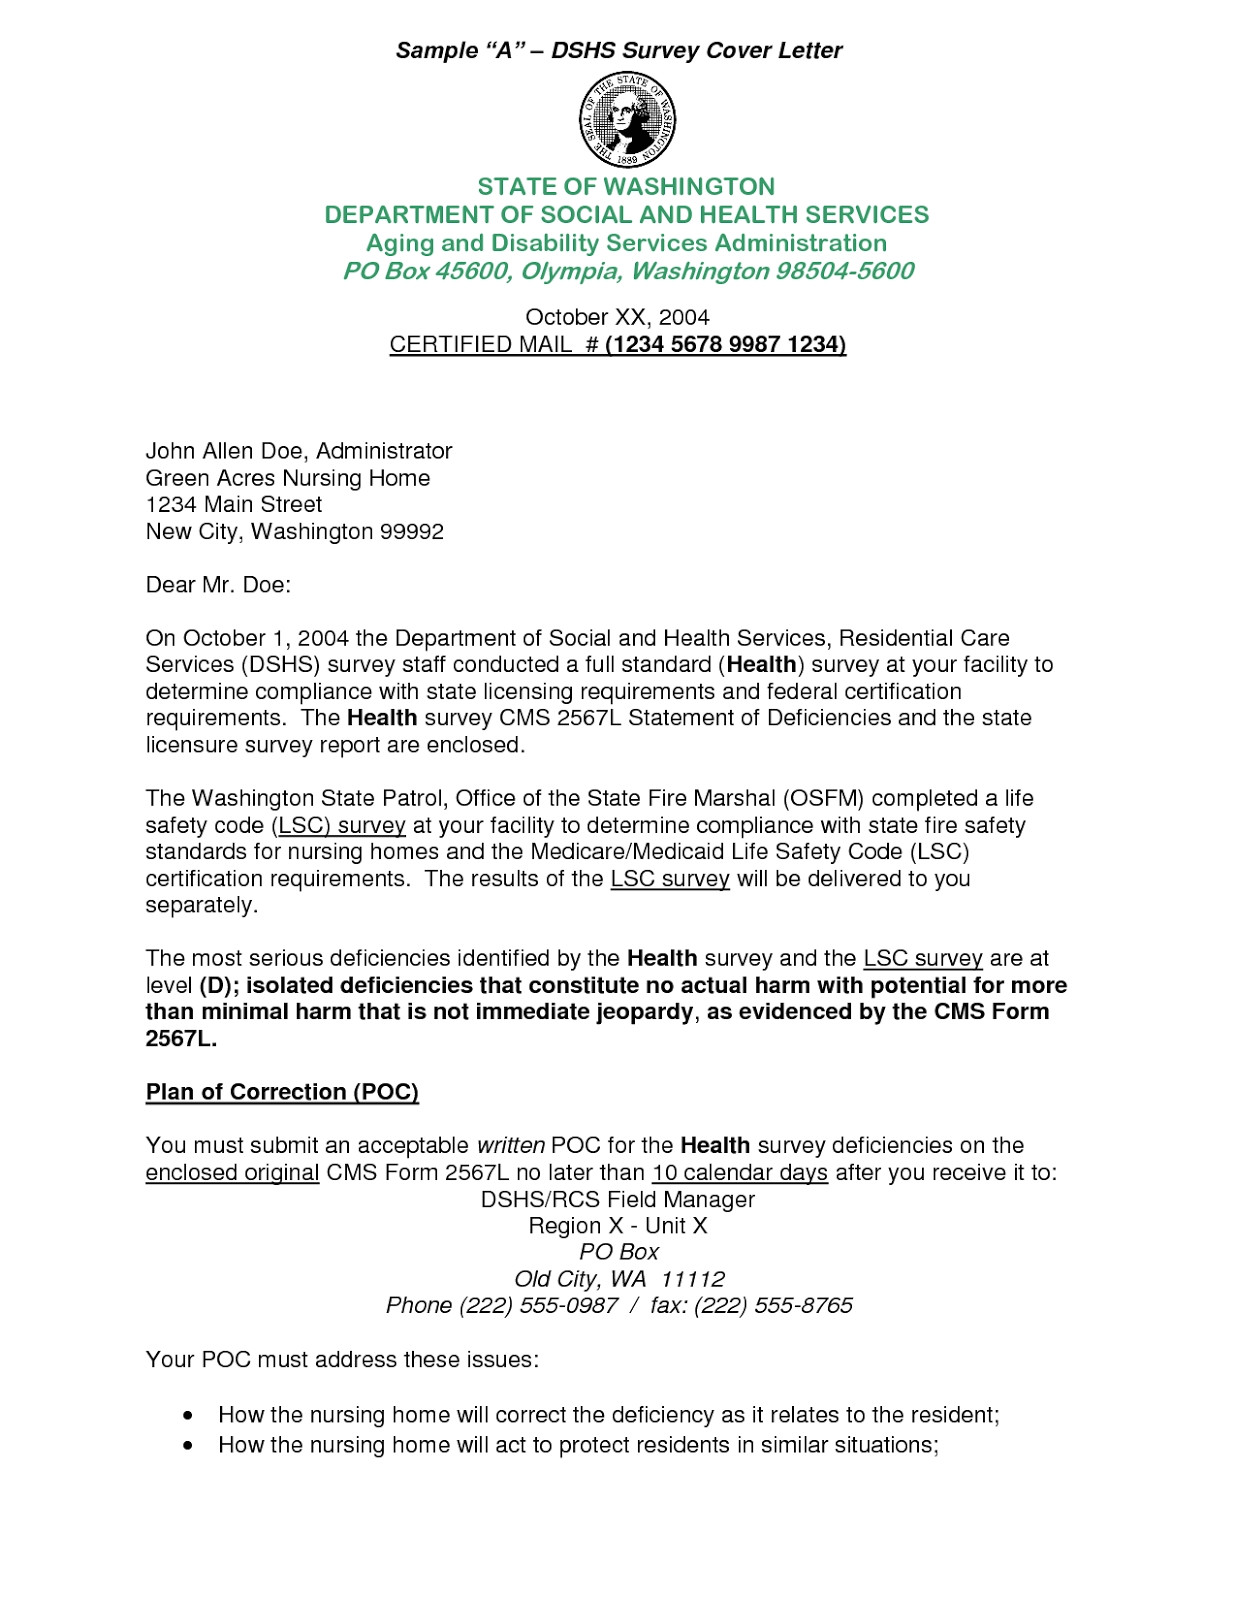 cover letter for survey questionnaire